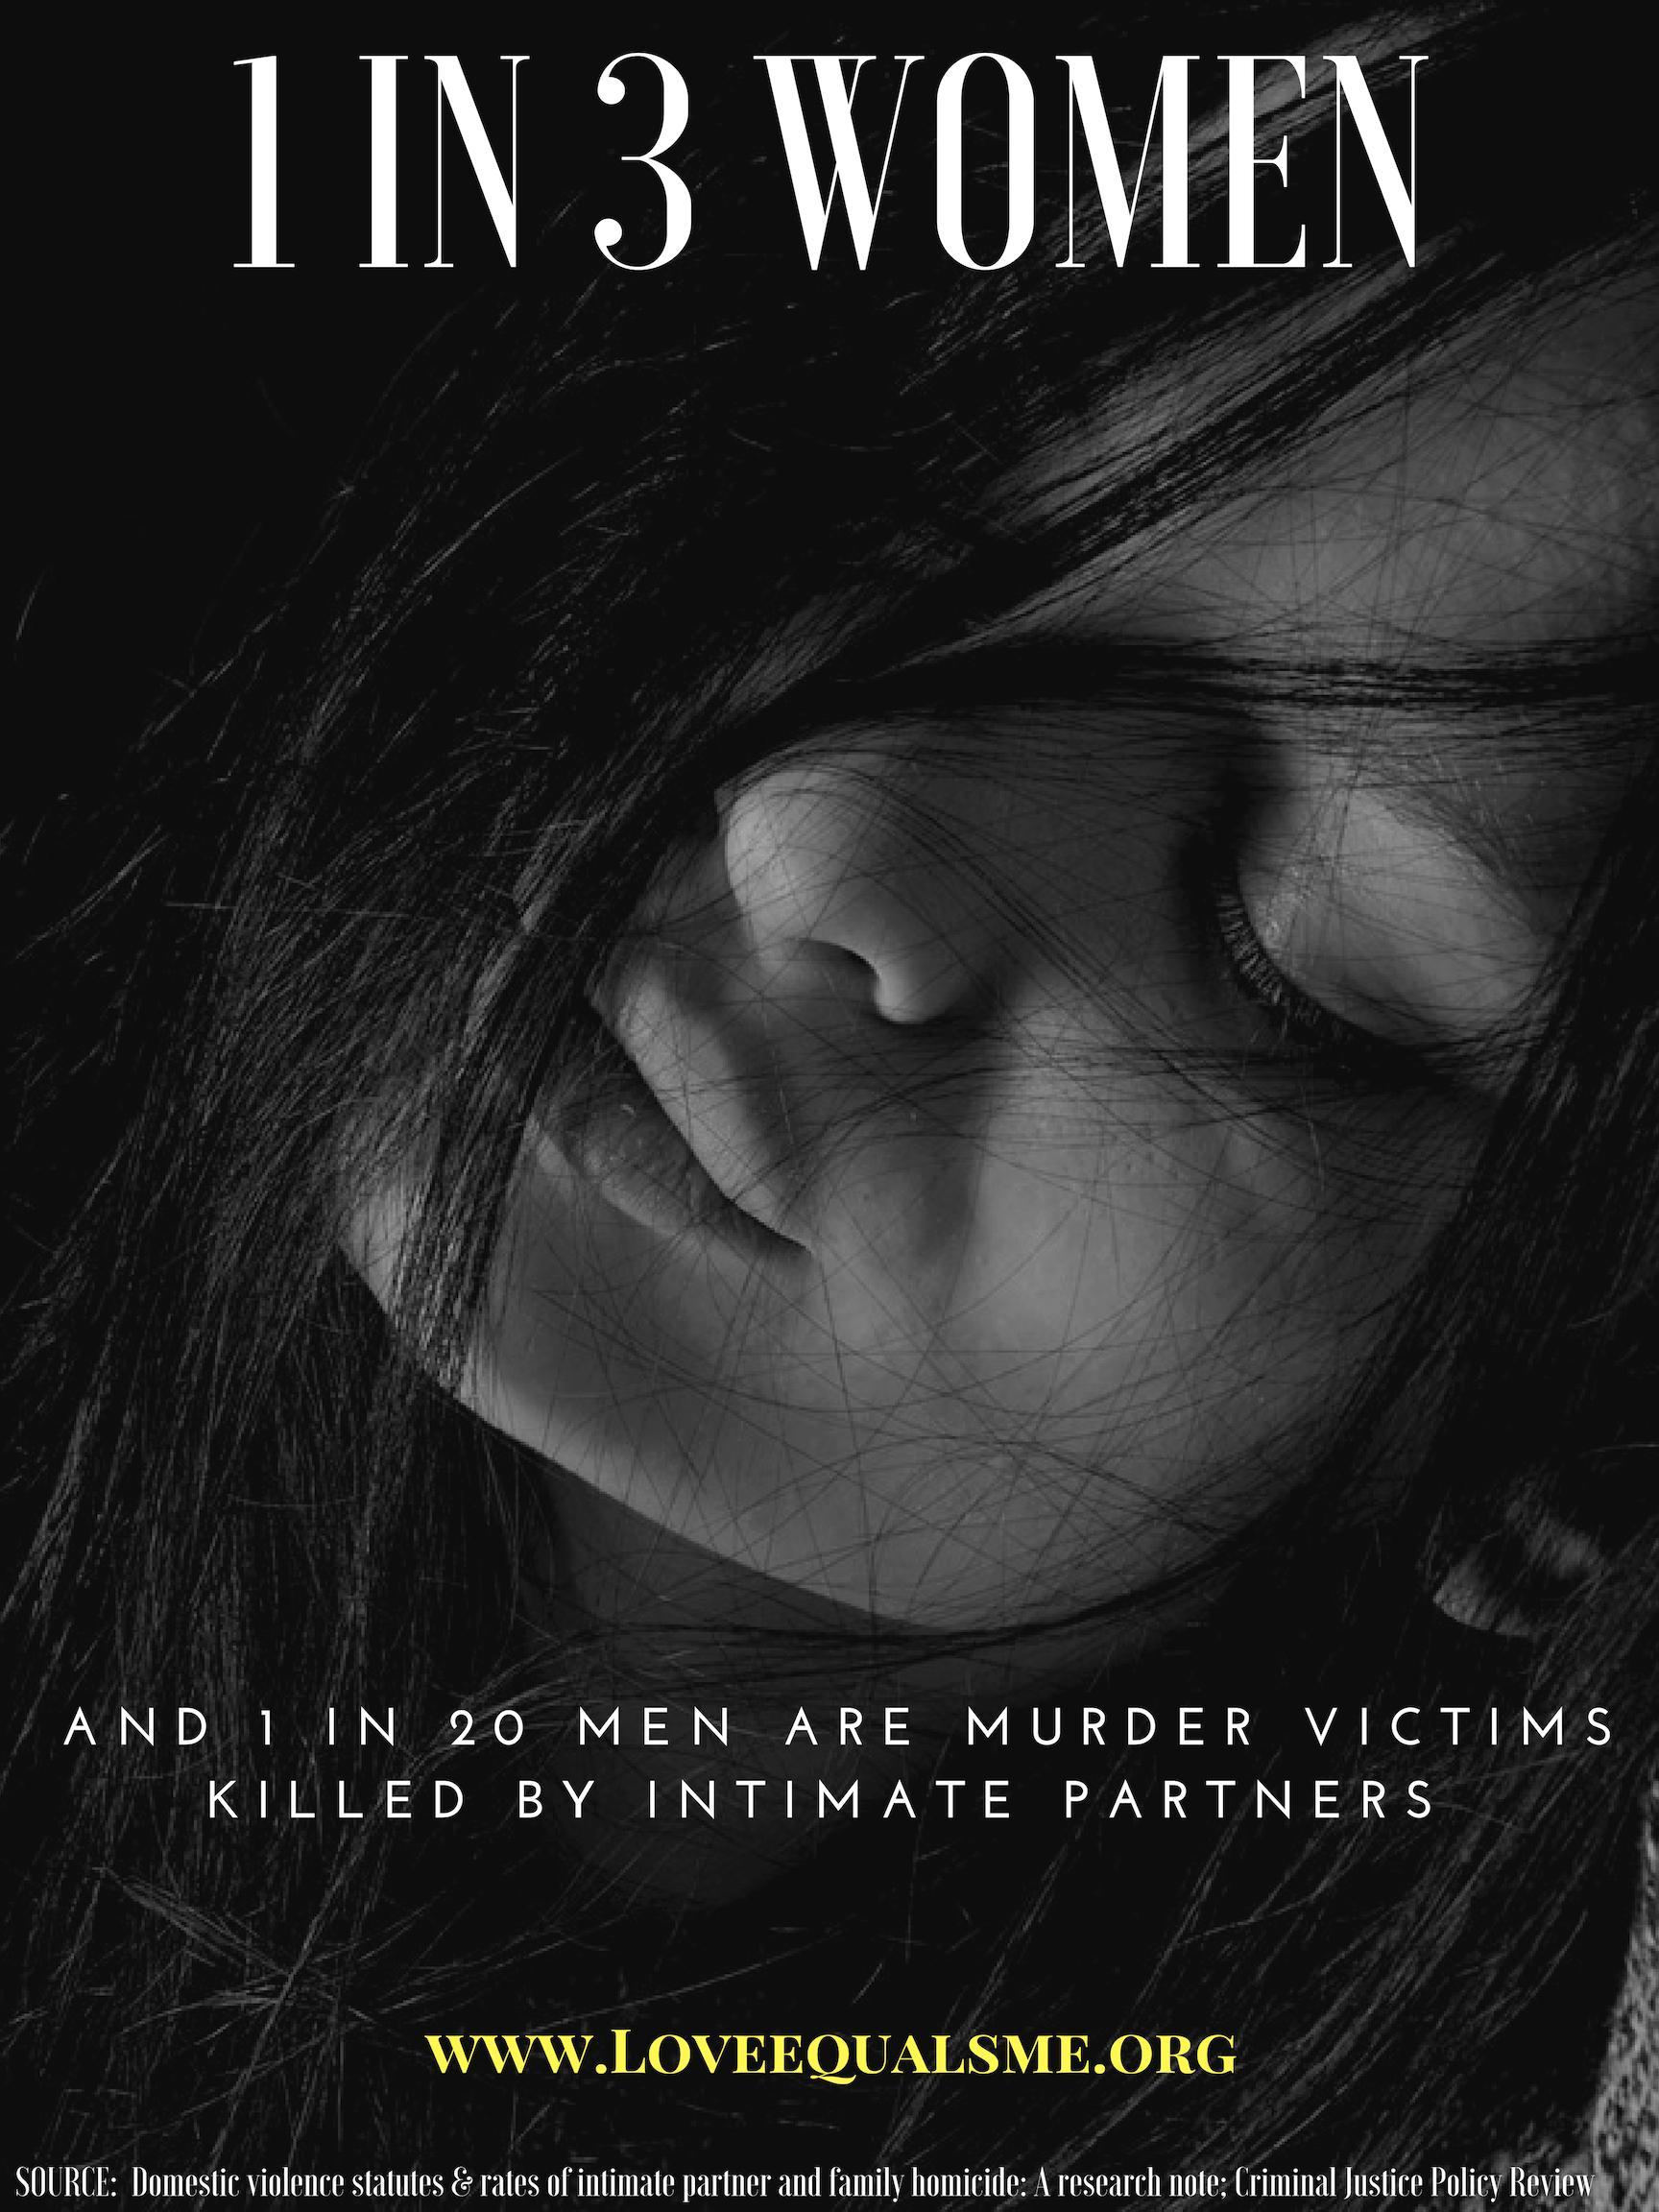 femicide suicide women domestic violence.jpg